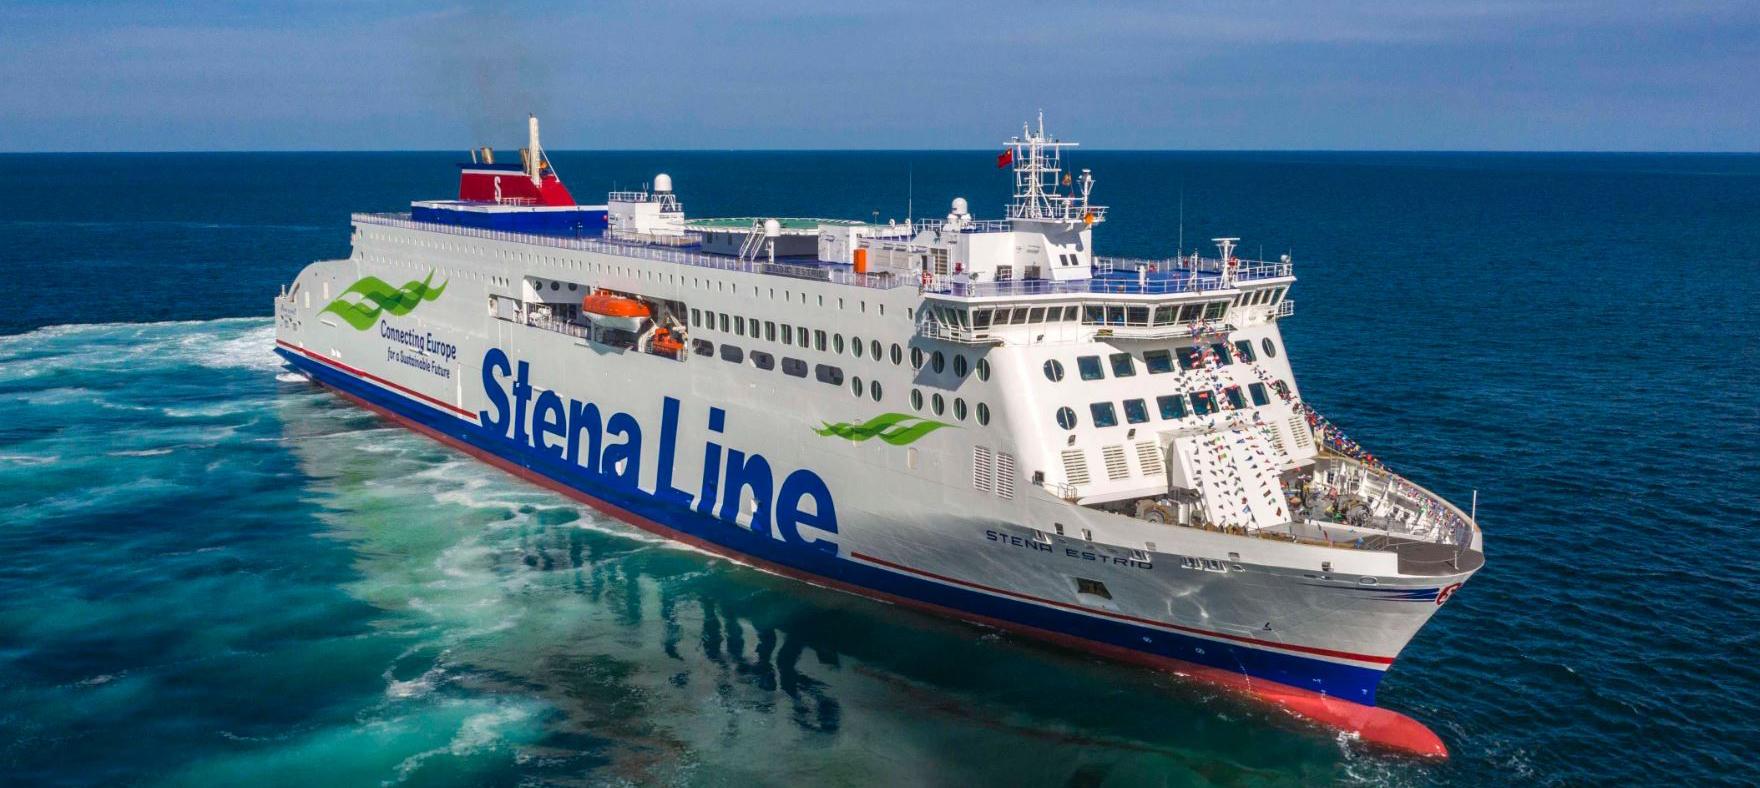 Stena Estrid completes sea trials